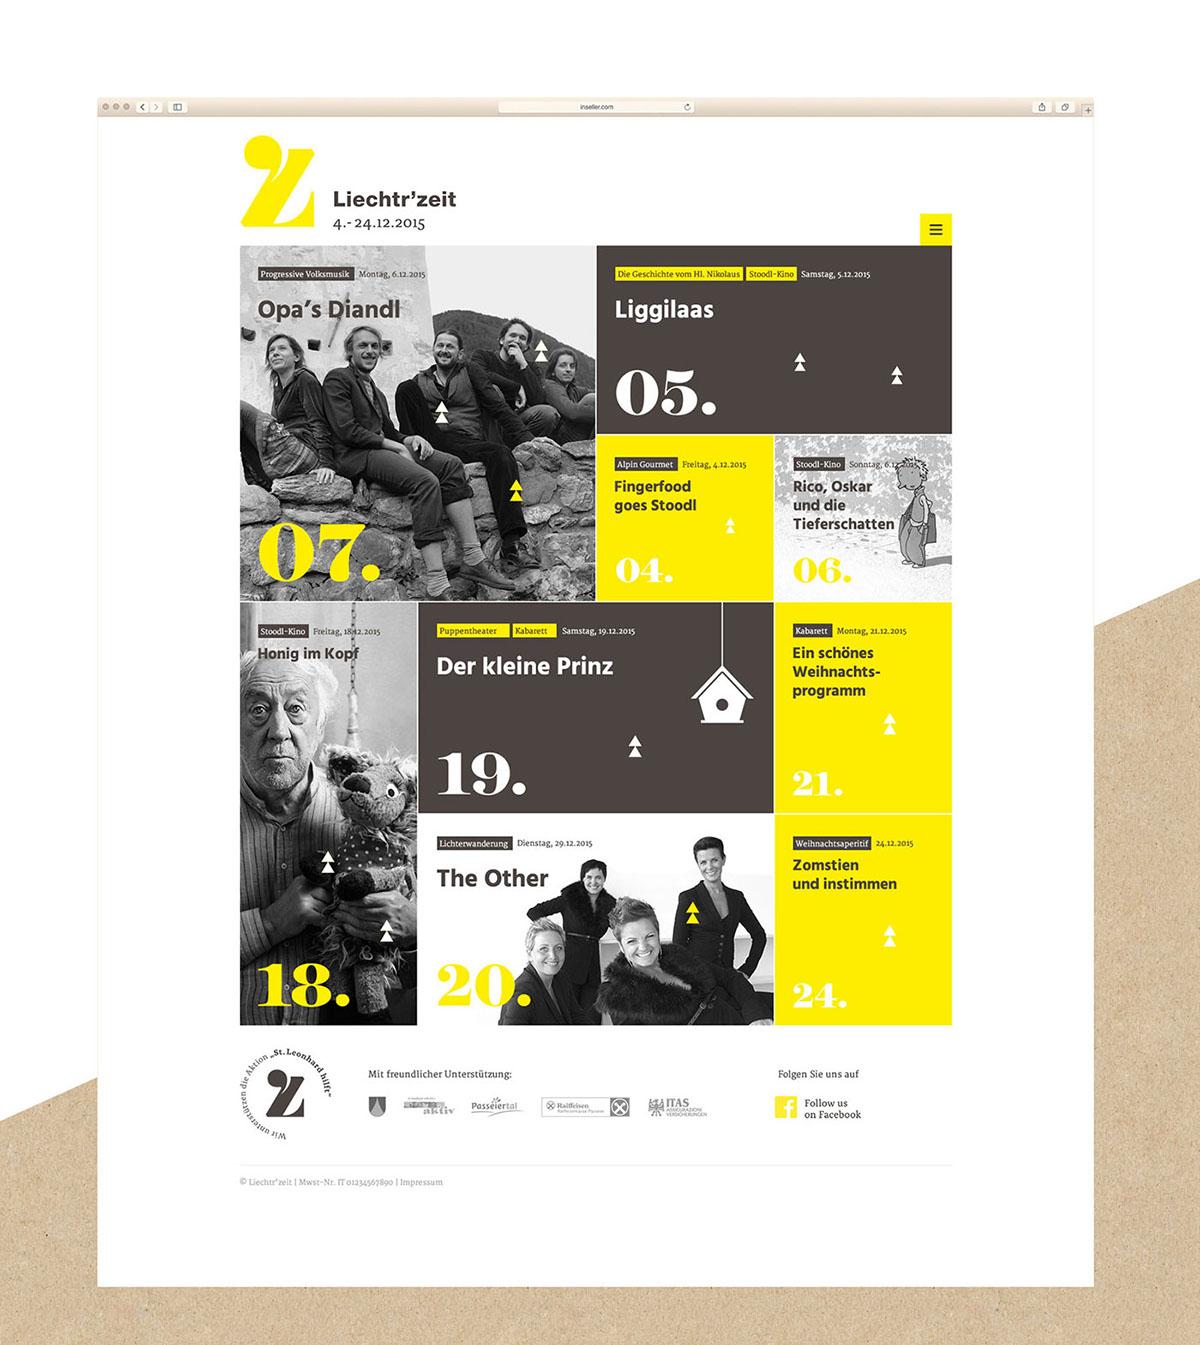 Weihnachten Screendesign veranstaltungen kalender Webdesign Veranstaltungskalender  Grafikdesign Responsive Webseite